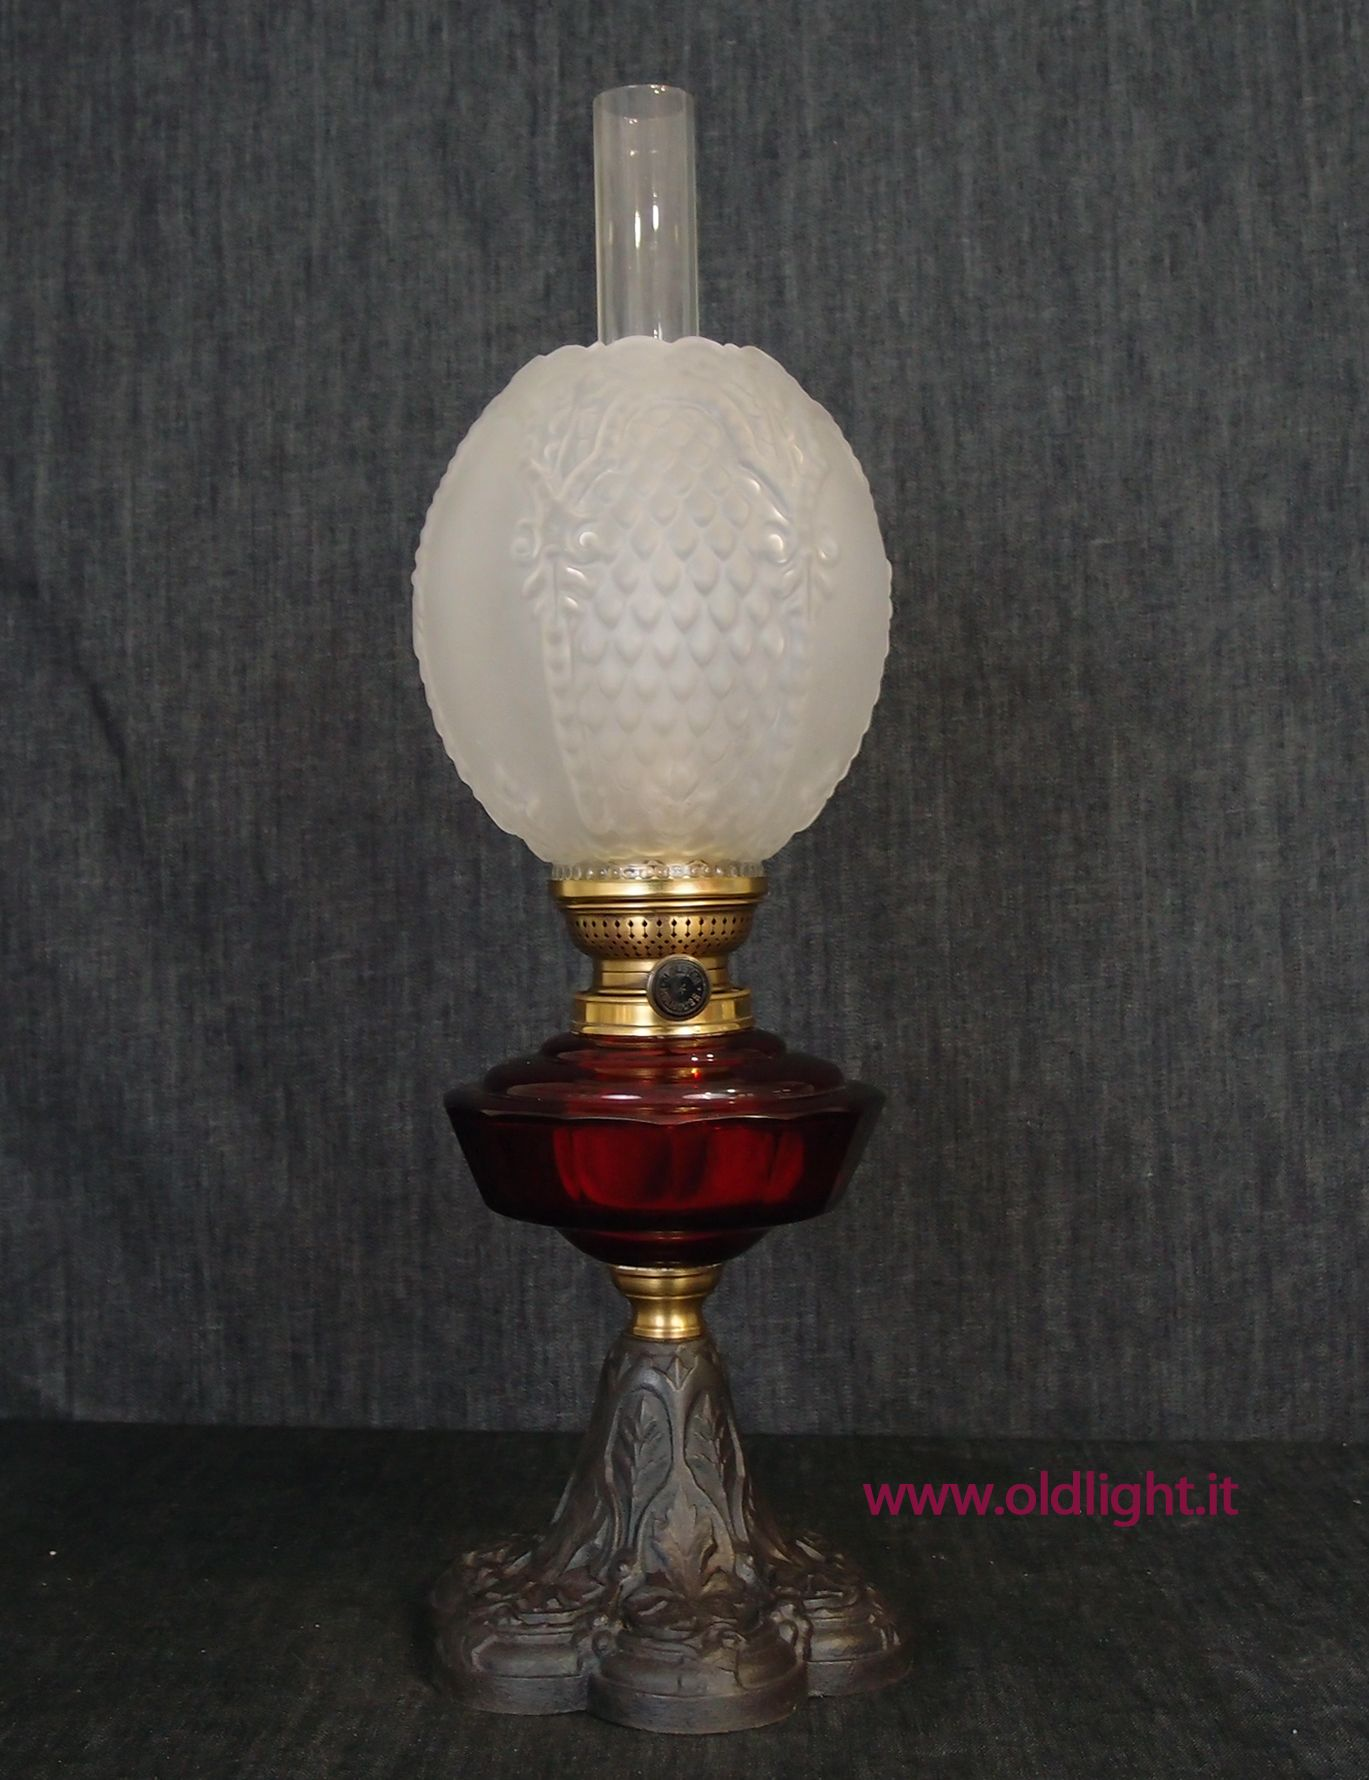 Lampada Austriaca R Ditmar Serbatoio In Cristallo Tagliato Cranberry N 8638 Base In Fusione Di Ghisa Spazzolata Bruciatore Kosmos Oil Lamps Unique Lamps Vintage Lamps